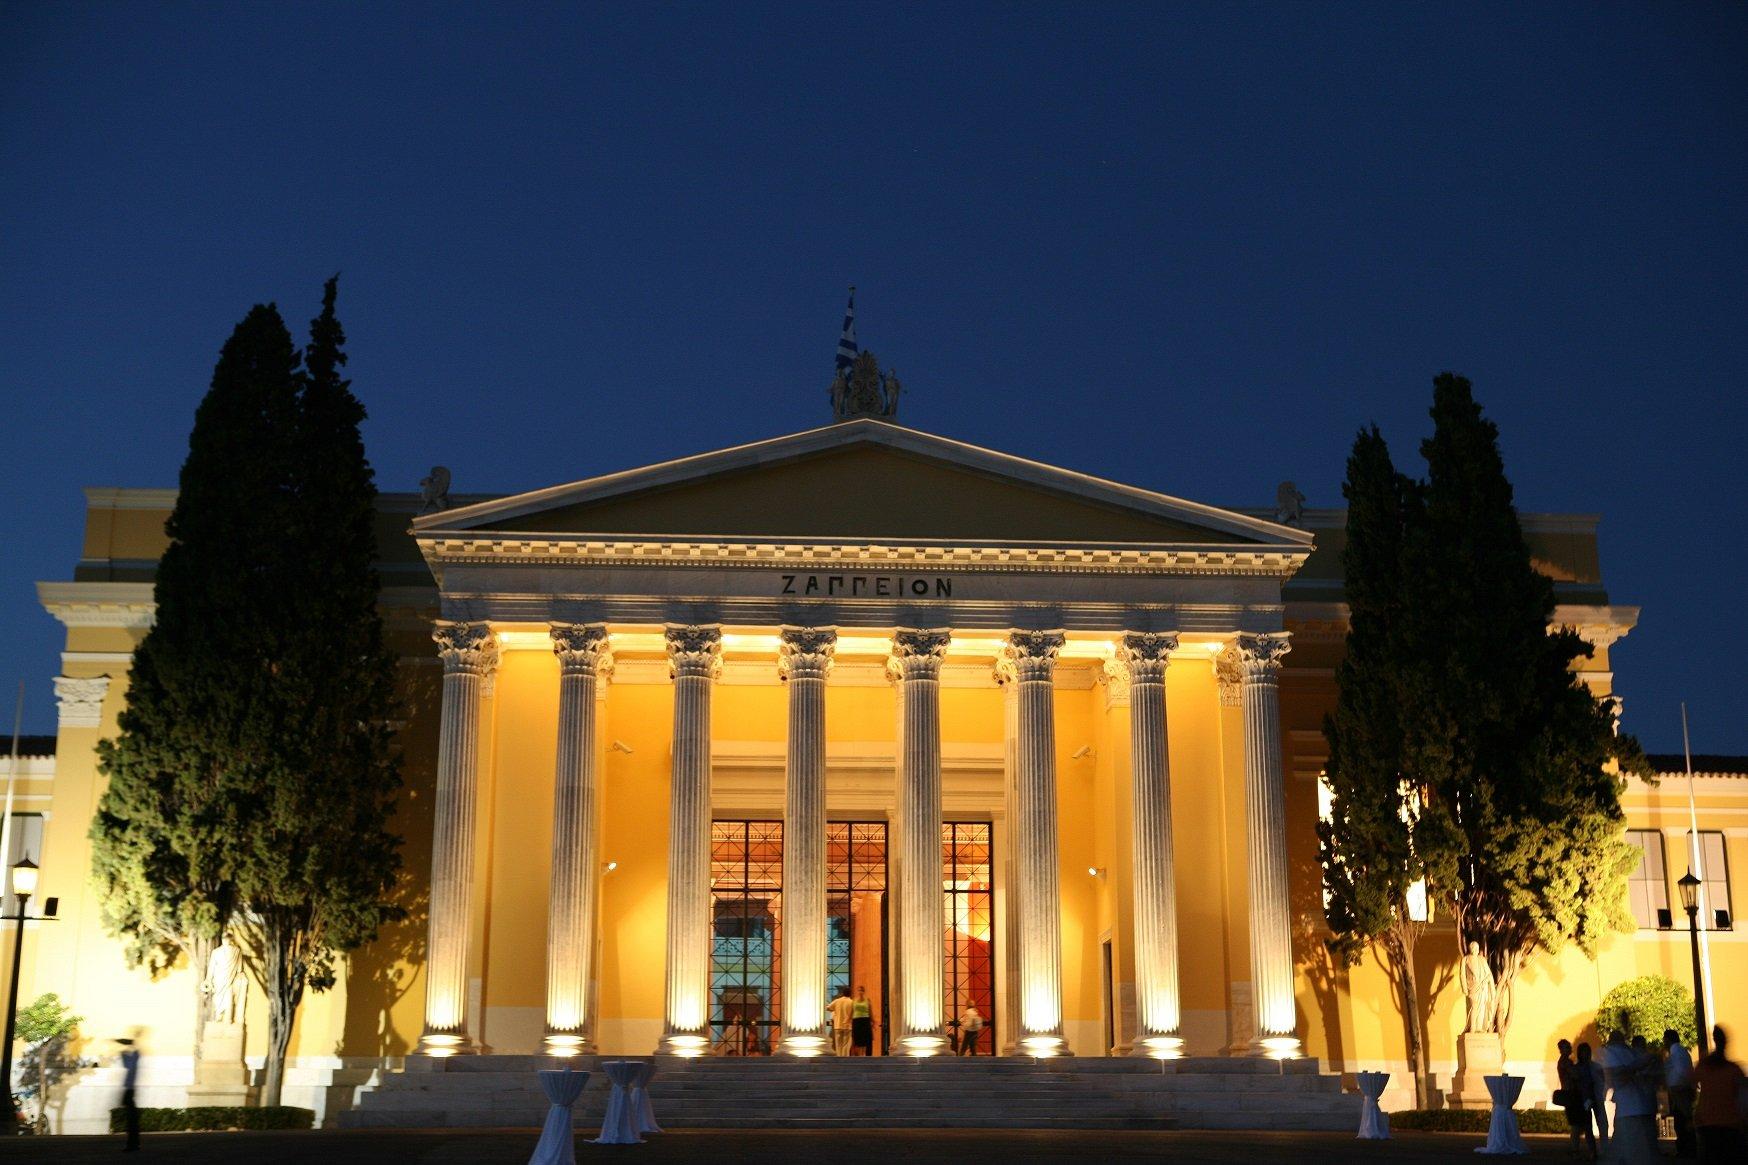 Ζάππειο, Αθήνα,Ελληνική Δημοκταρία